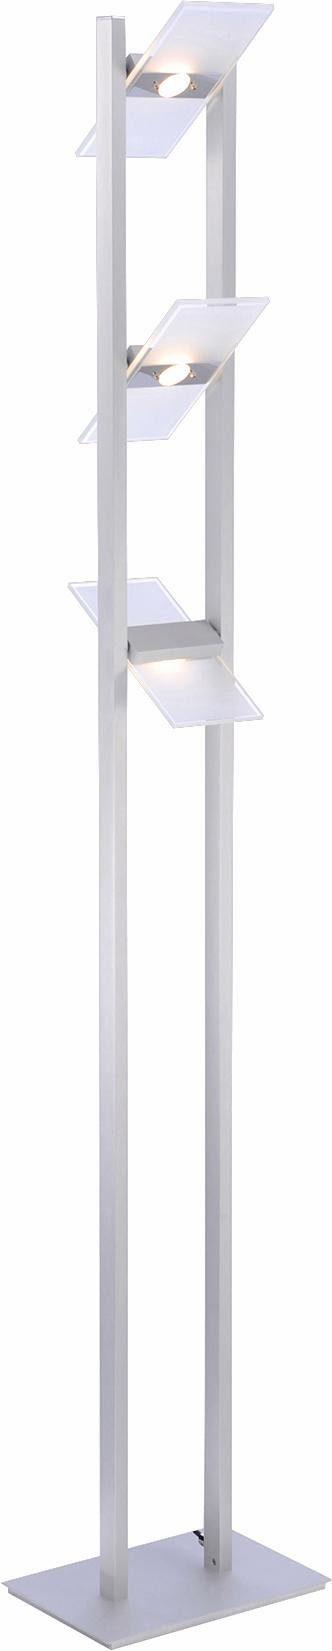 Paul Neuhaus LED Stehlampe »PUKKA«, 3-flammig